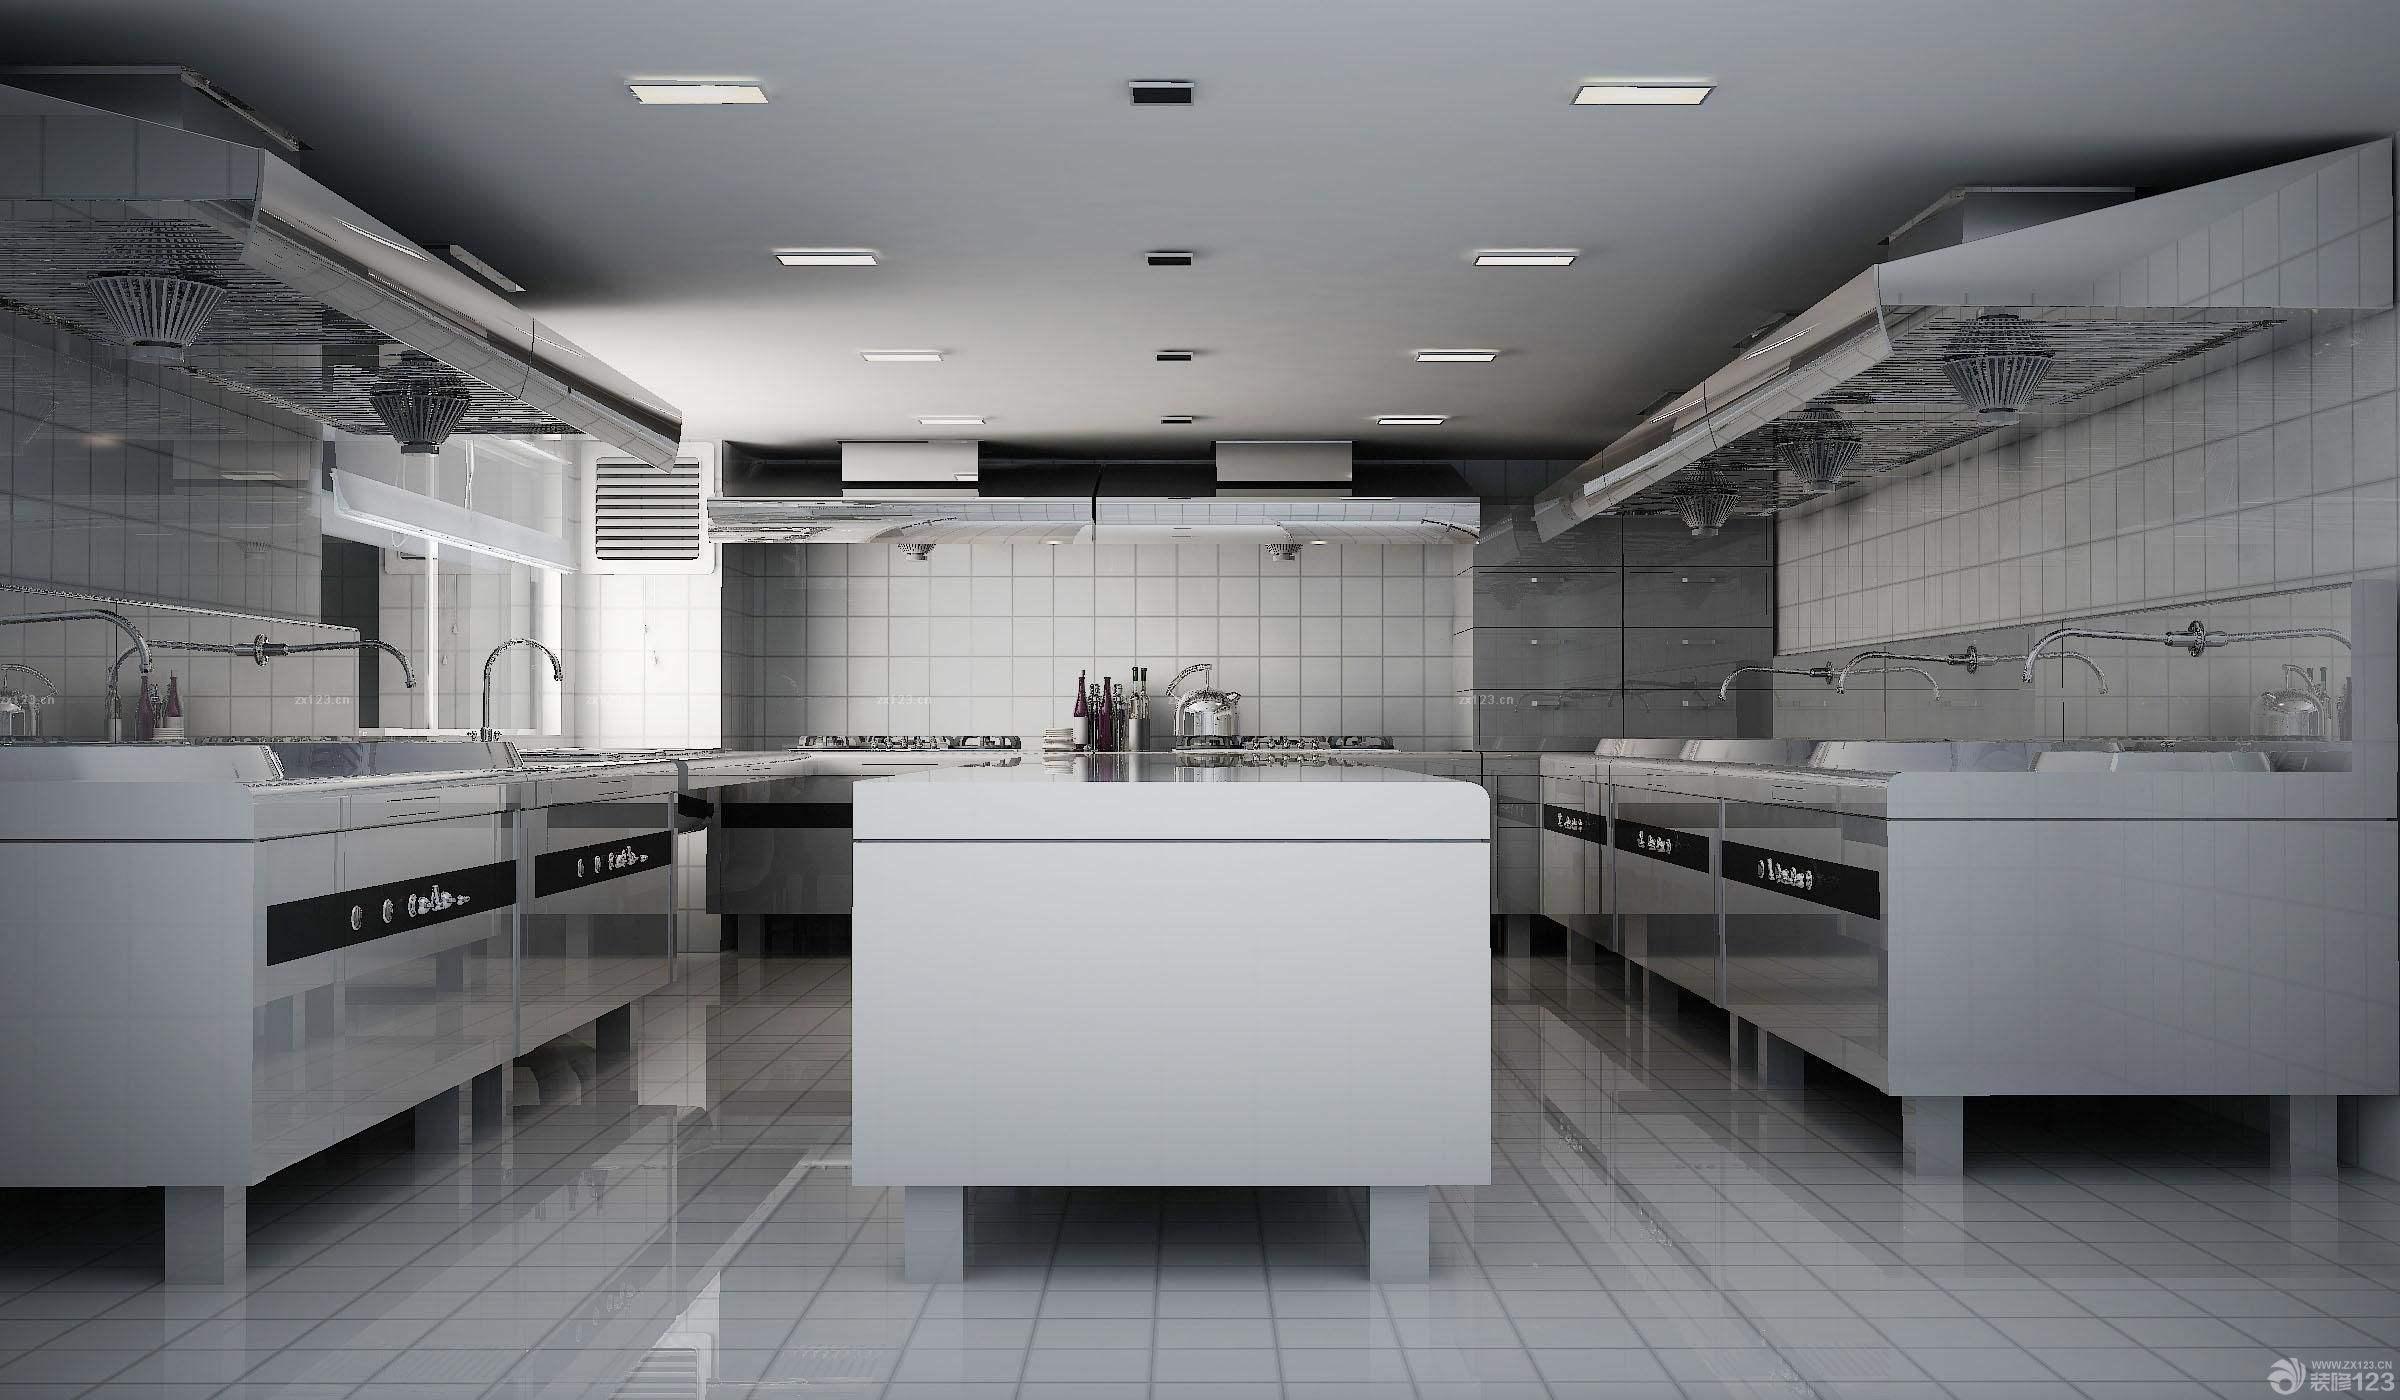 酒楼不锈钢厨房设备_广州厨房设备生产厂家,广州厨房设备公司,广州厨房设备设计 ...